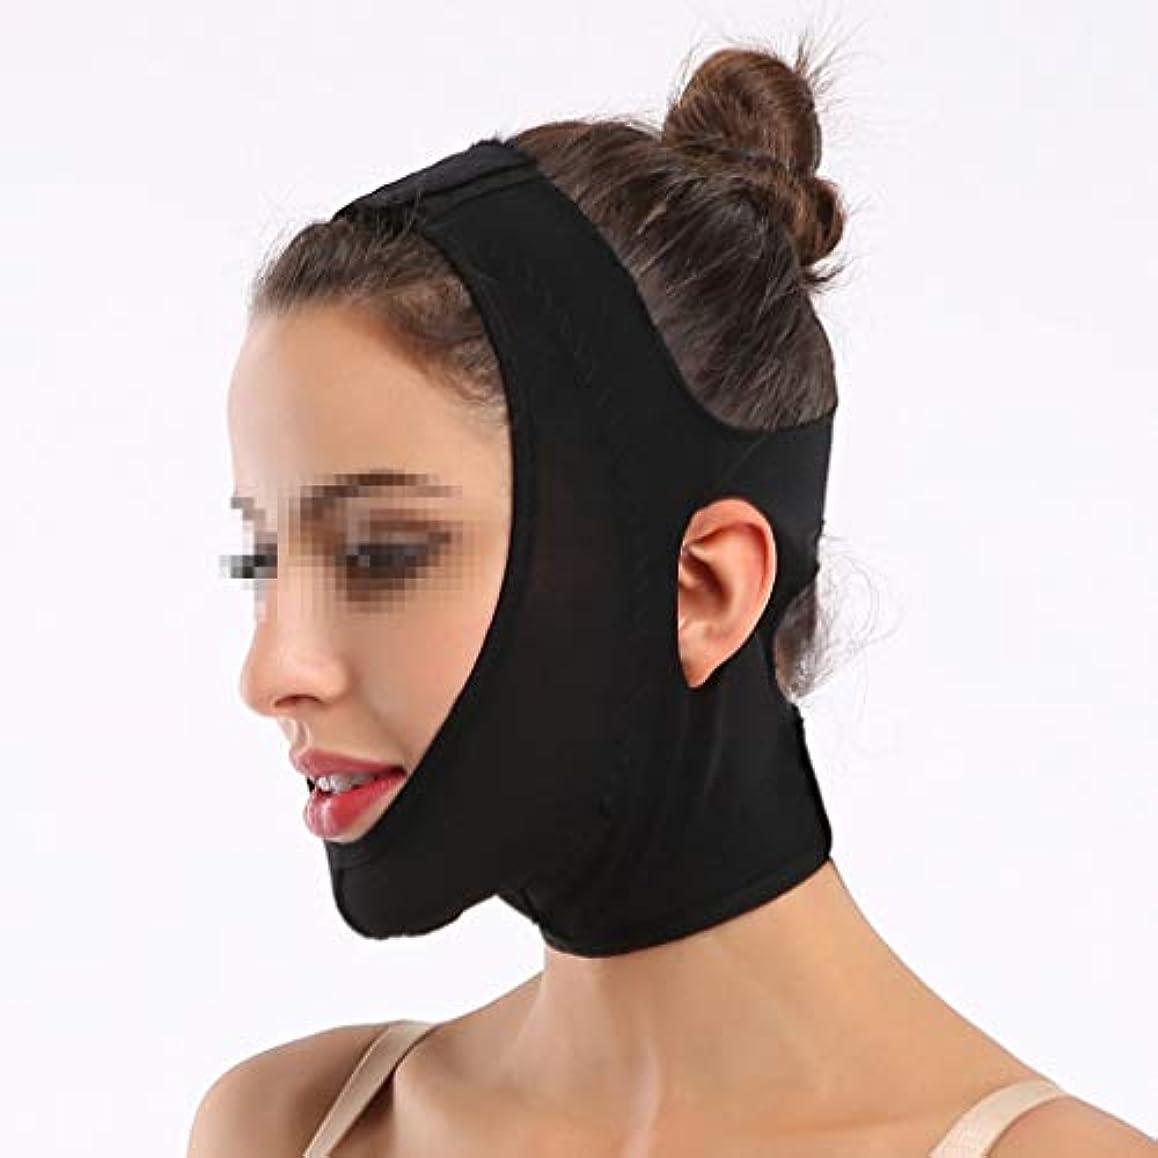 オーラル法律適応XHLMRMJ Vフェイスマスク、包帯マスクを持ち上げて引き締めるスキニービューティーサロン1日2時間Vフェイスマッサージ術後回復